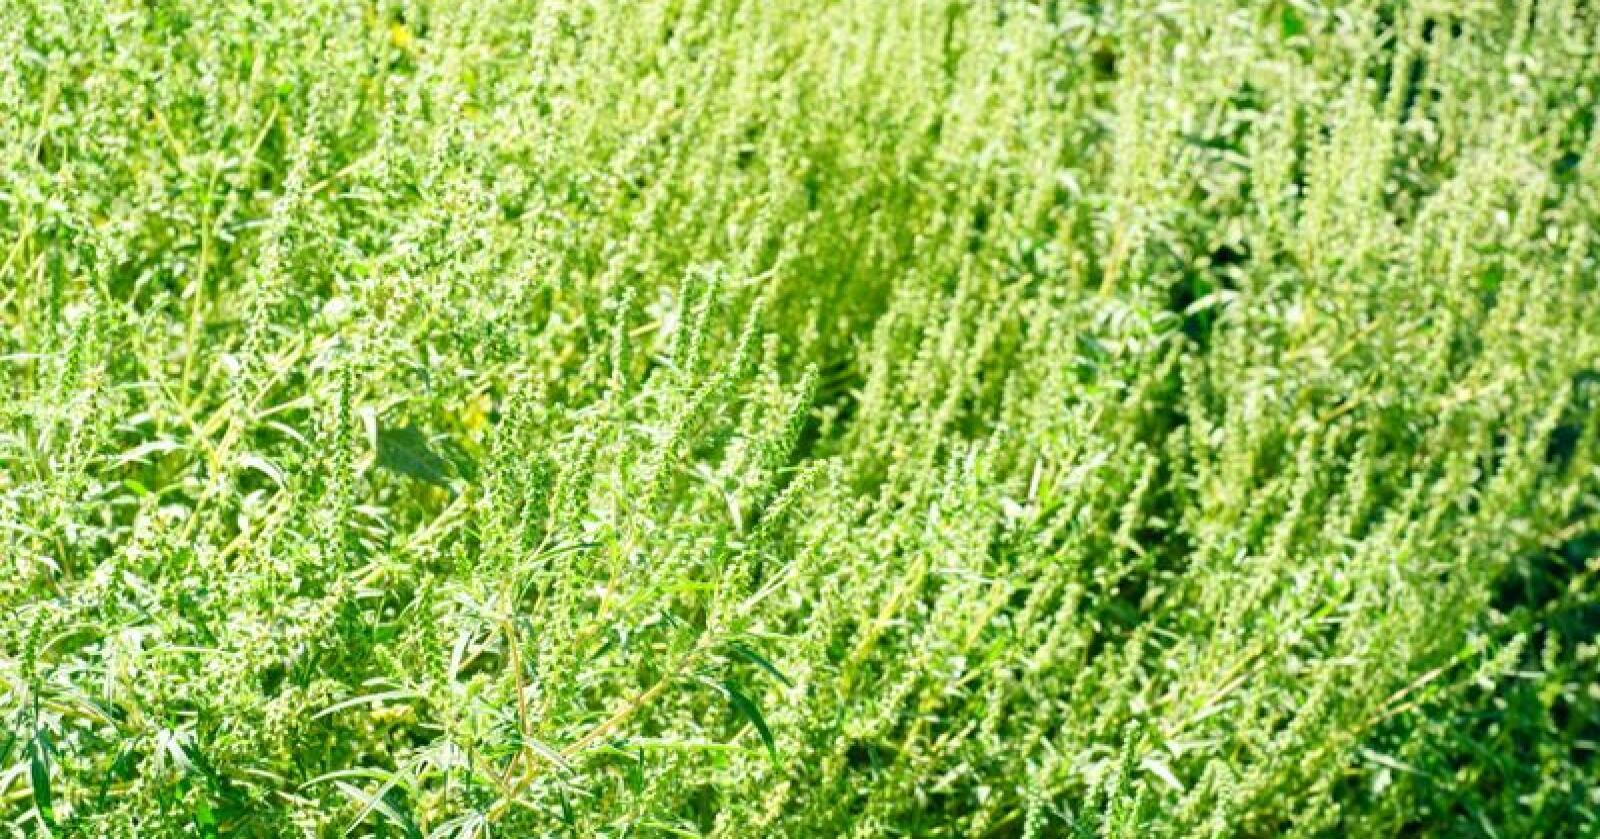 Ambrosia er blant de frøene som har blitt funnet. Foto: Colourbox